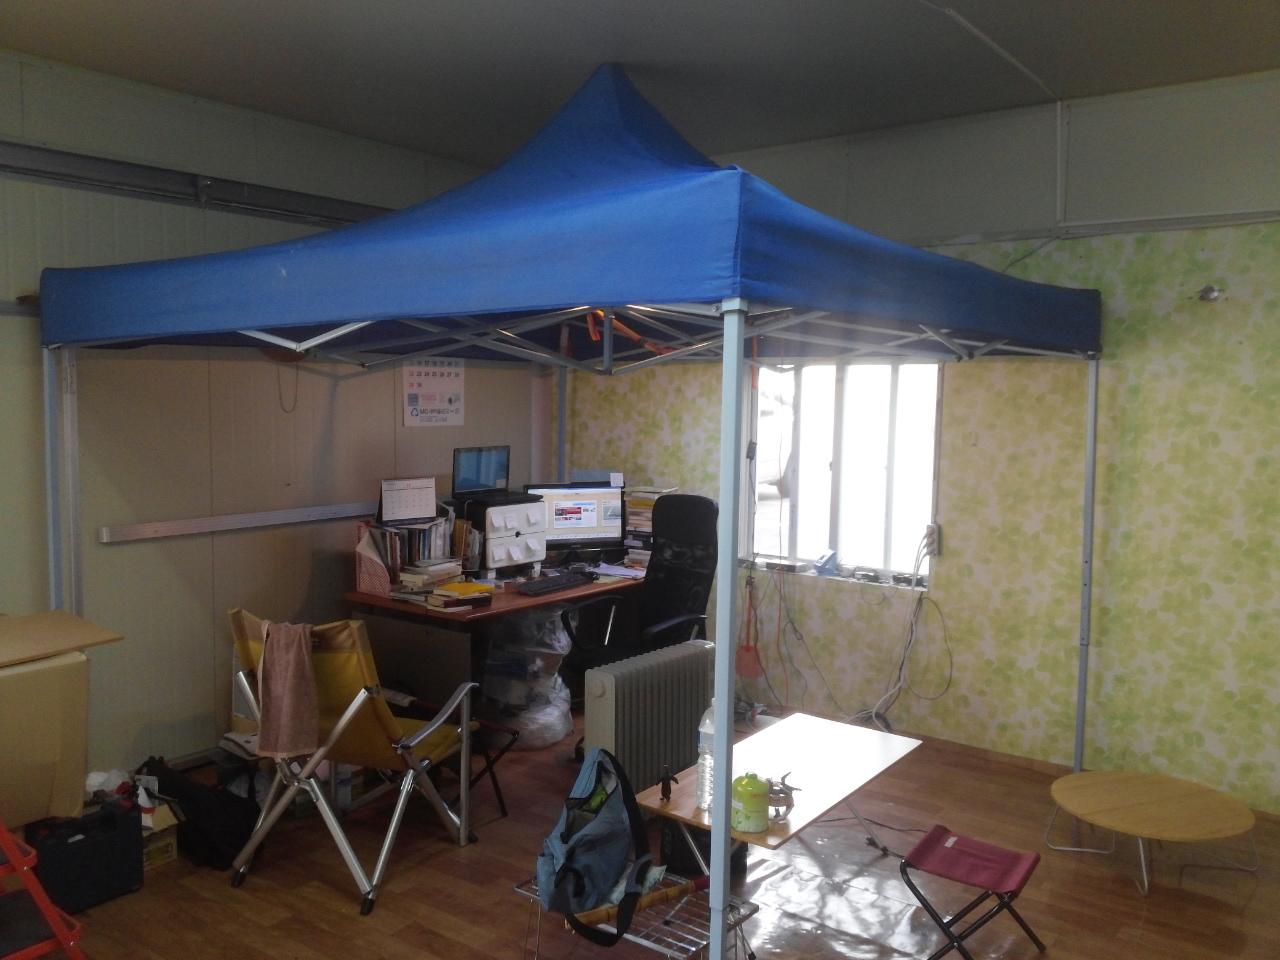 천막 사무실 여기에 4면 바람막이만 두르면 아늑하게 겨울을 날 수 있다. 부디 그 안에서 비수기 타개책이 떠오르길.